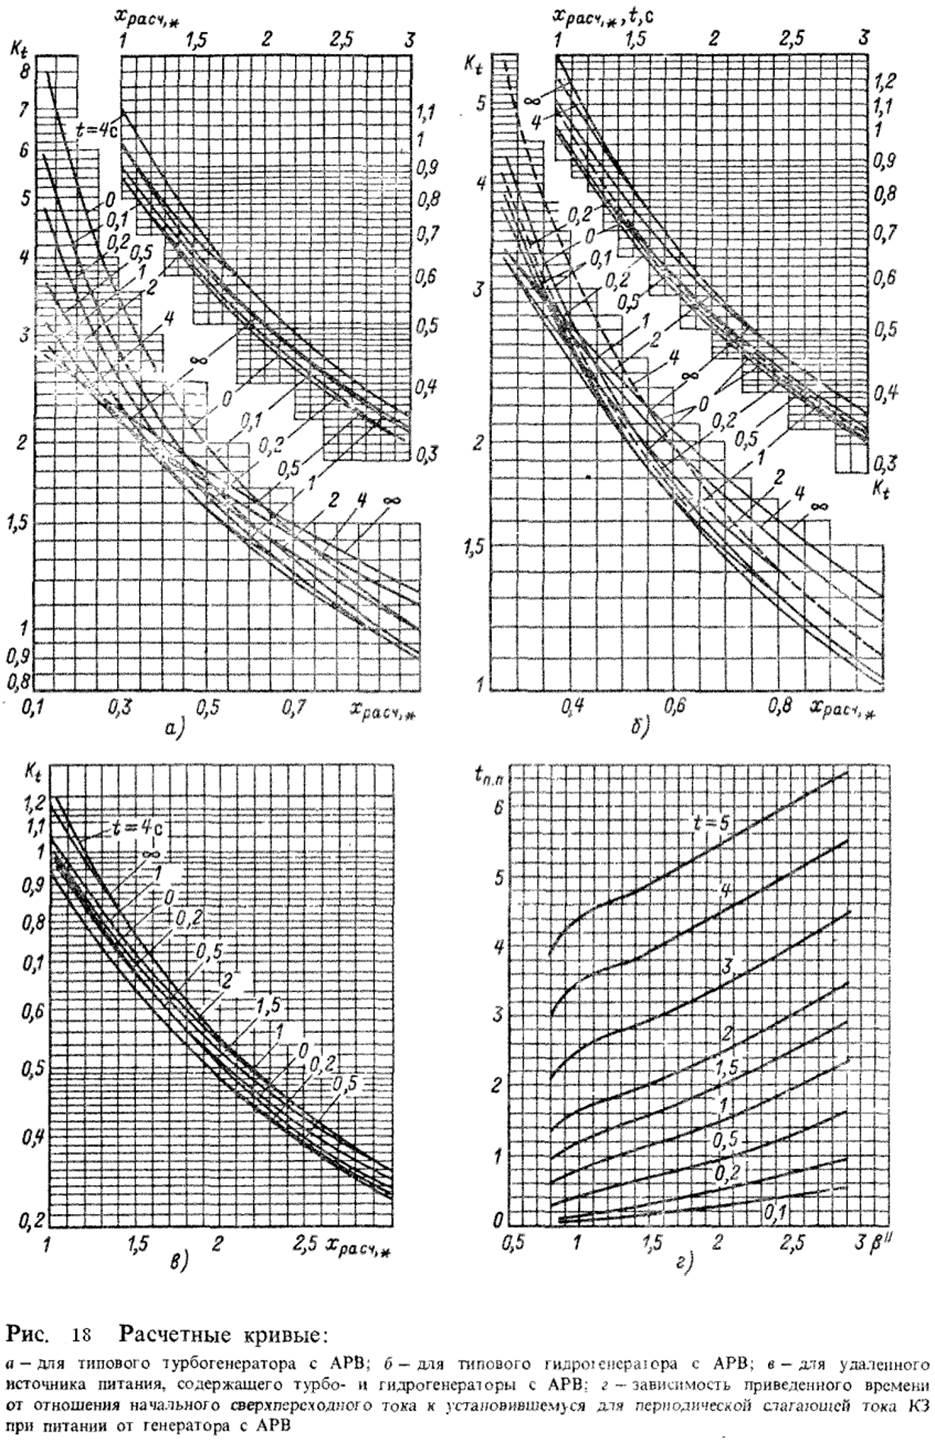 Расчётные кривые.bmp